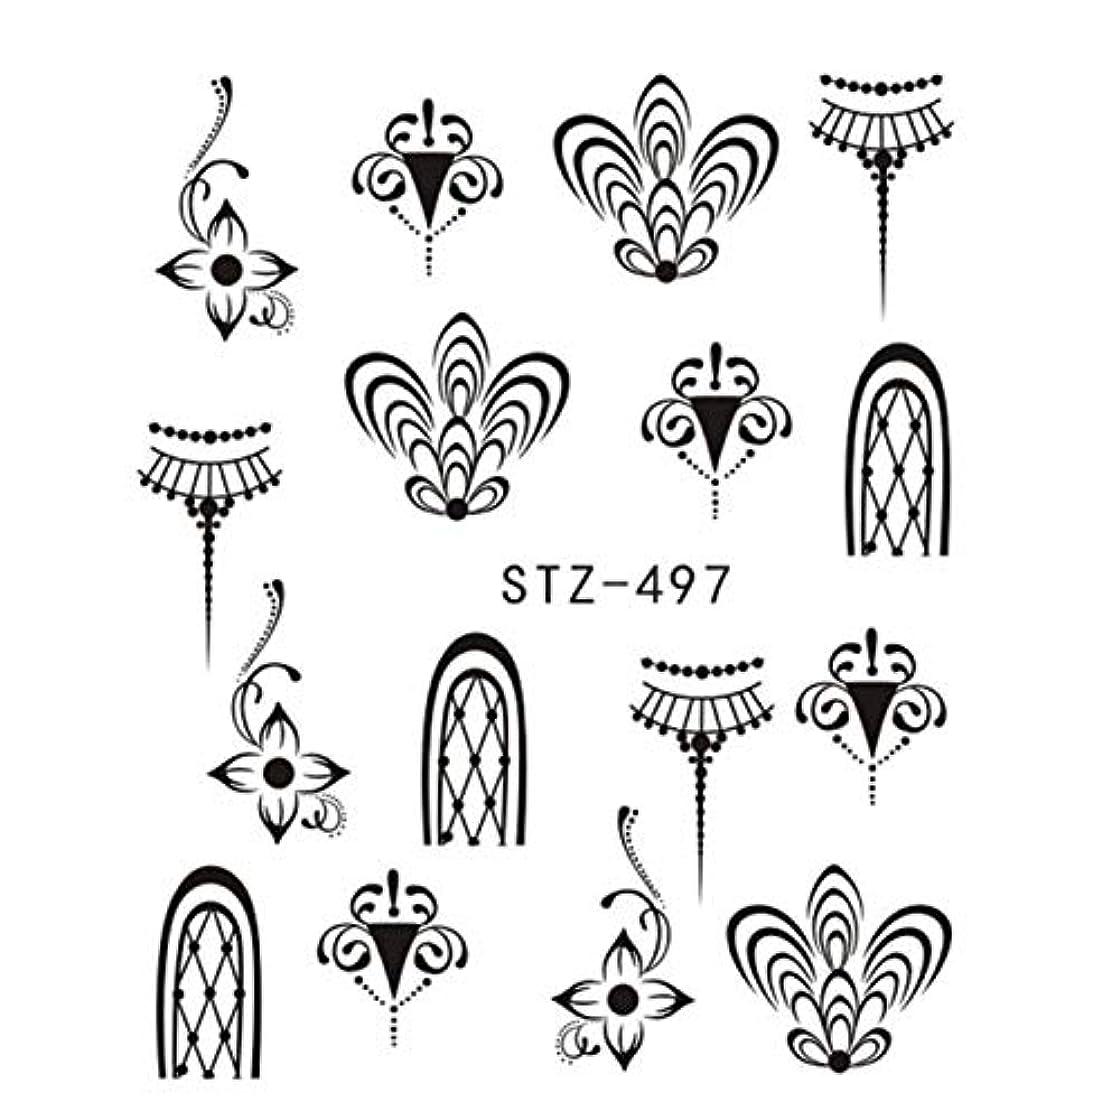 鳴り響く知らせるソロサリーの店 パステルデザインパターン新しい芸術芸術装飾芸術装飾芸術(None STZ497)